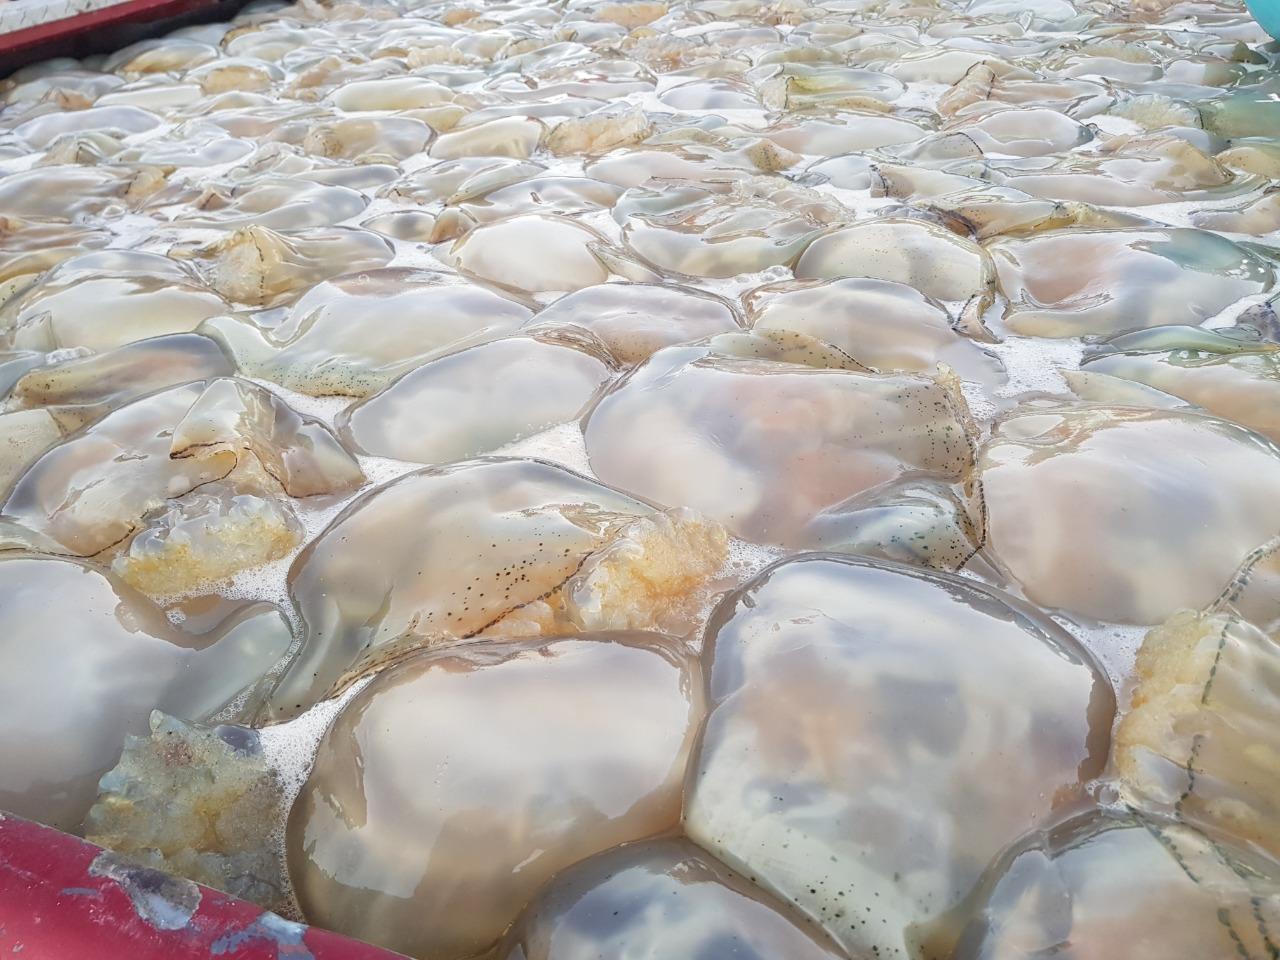 Autorizan permisos temporales para captura de medusa bola de cañón azul (Stomolophus meleagris), y medusa bola de cañón ámbar